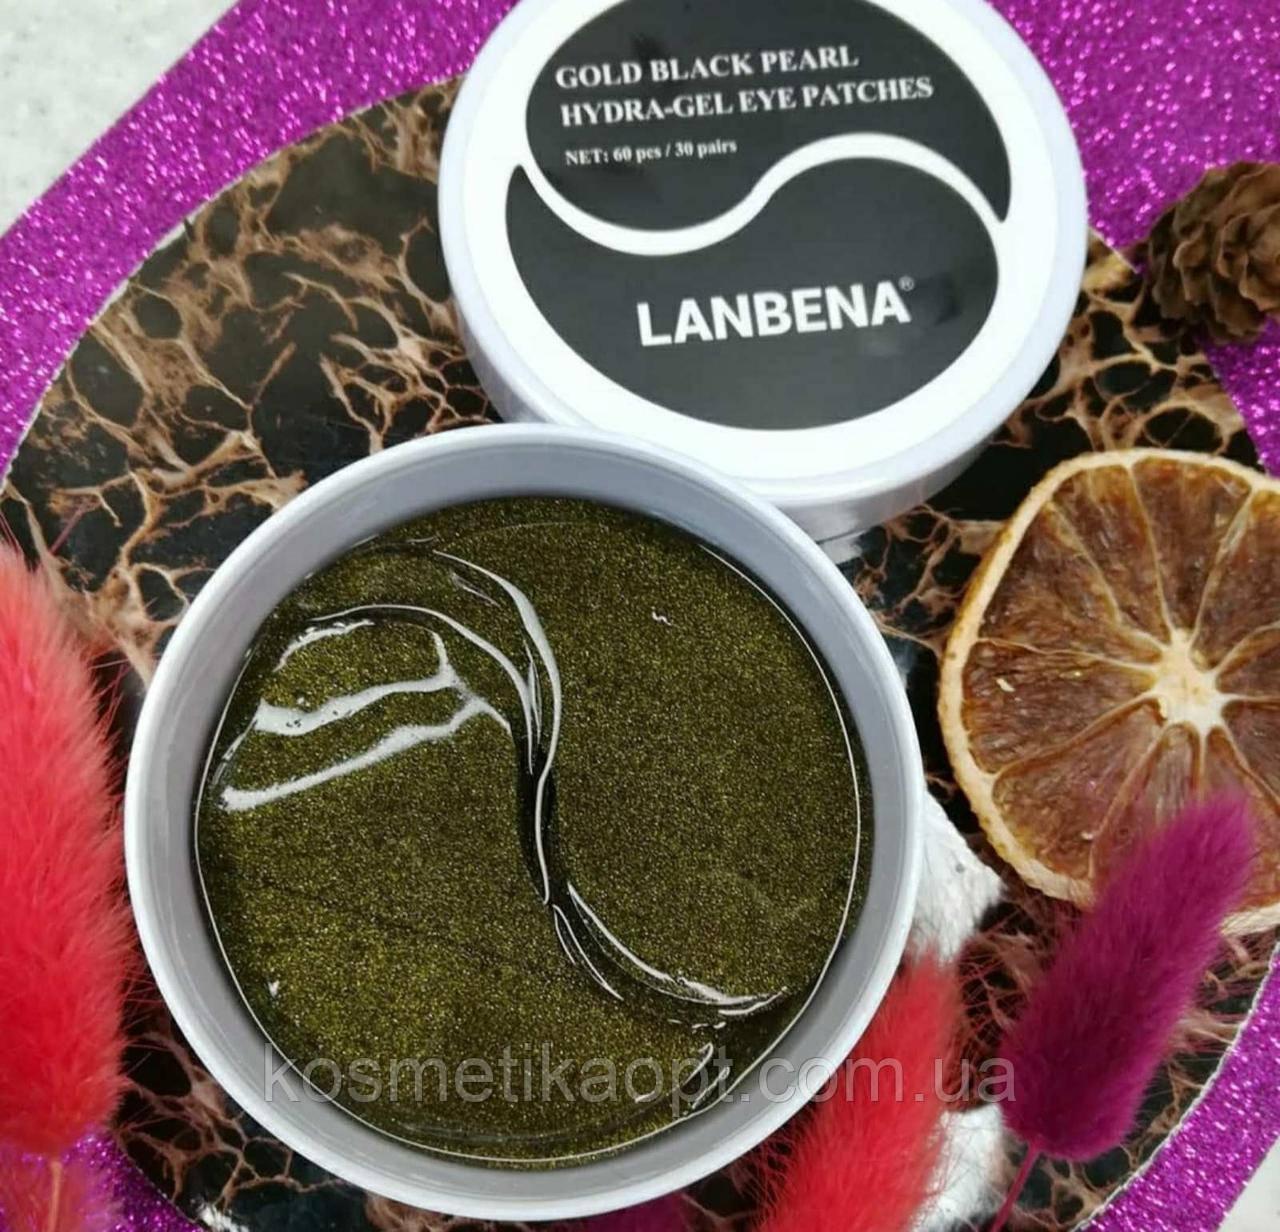 Гидрогелевые патчи для глаз LANBENA с золотом и черным жемчугом